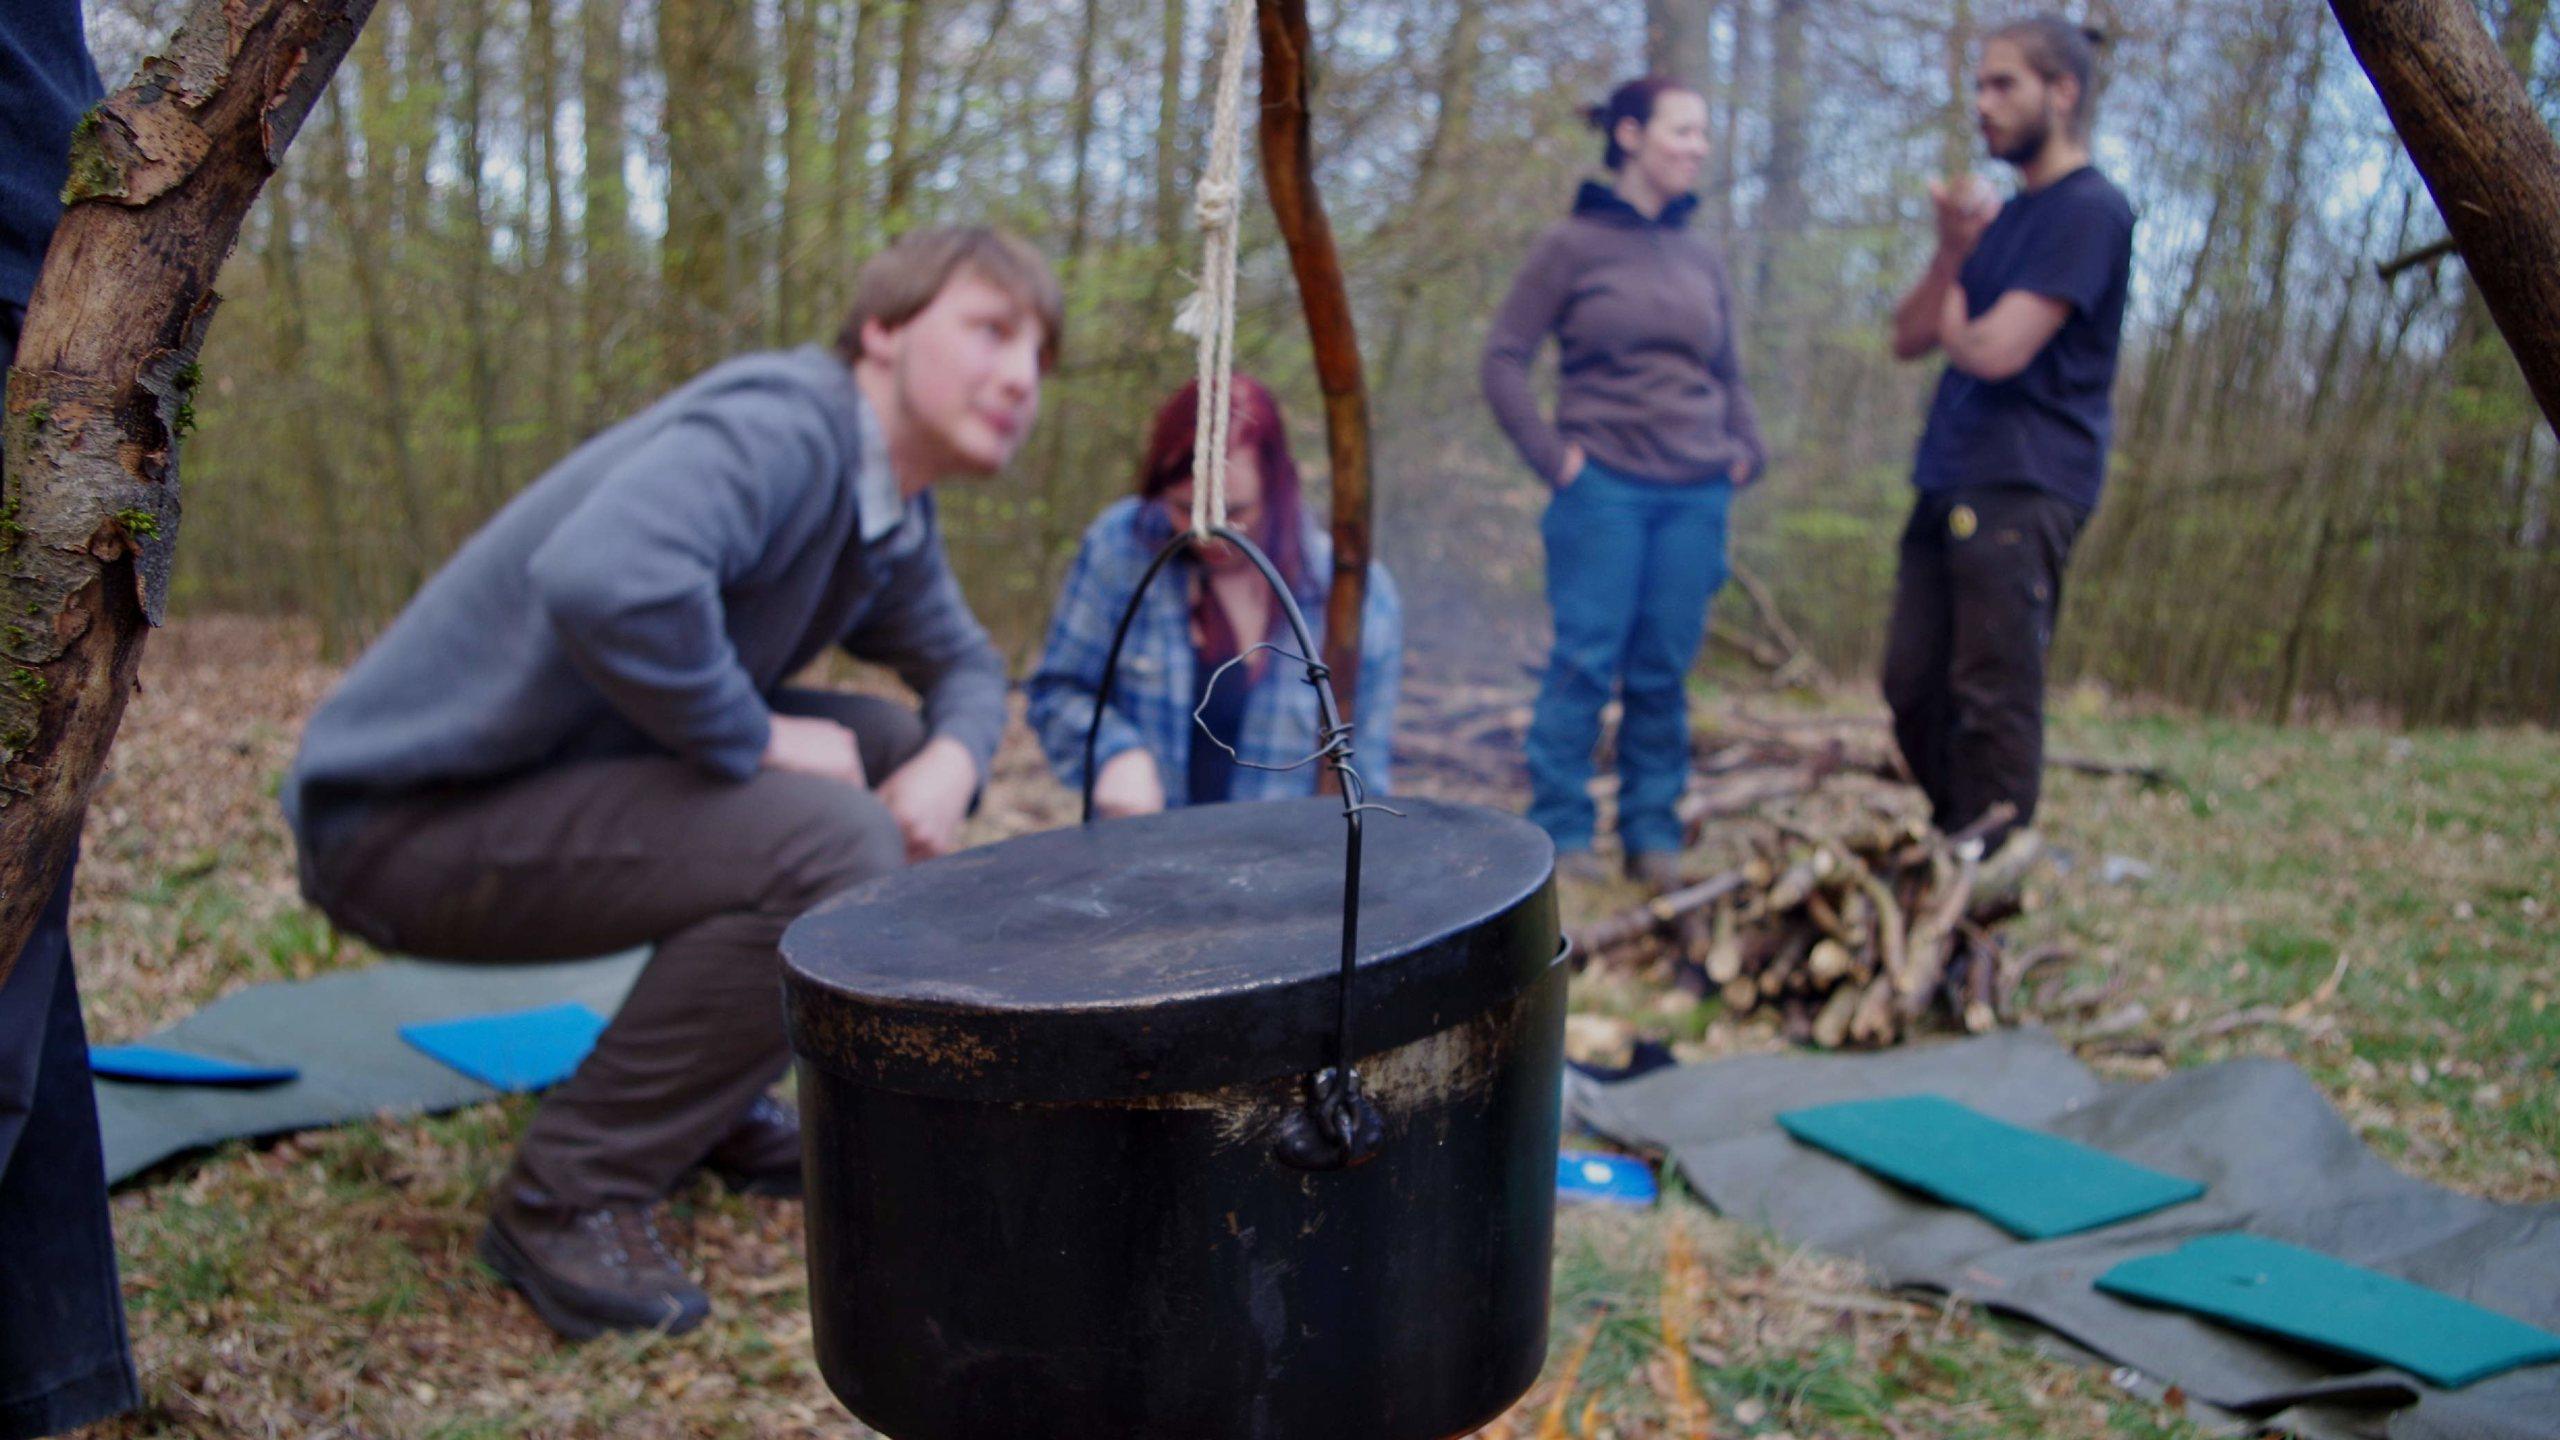 Im Wald, um die Kochstelle herum, Leute verteilt, der Topf im Vordergrund am Dreibein hängend